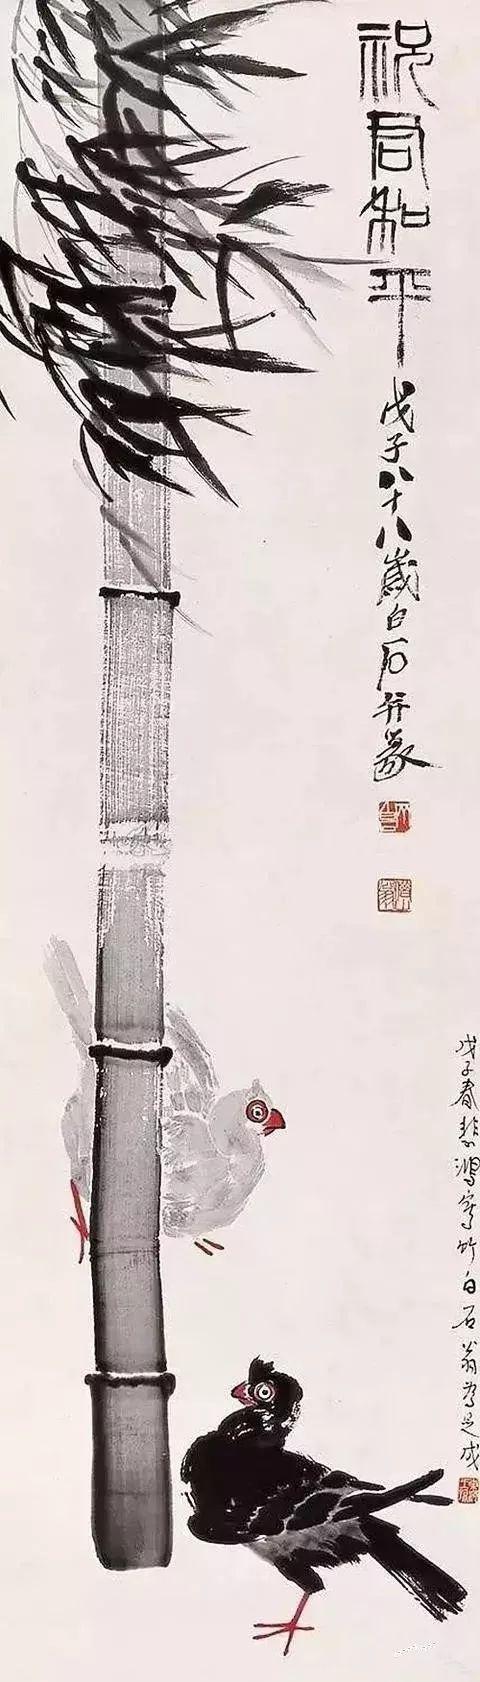 齐白石、徐悲鸿《祝君和平》